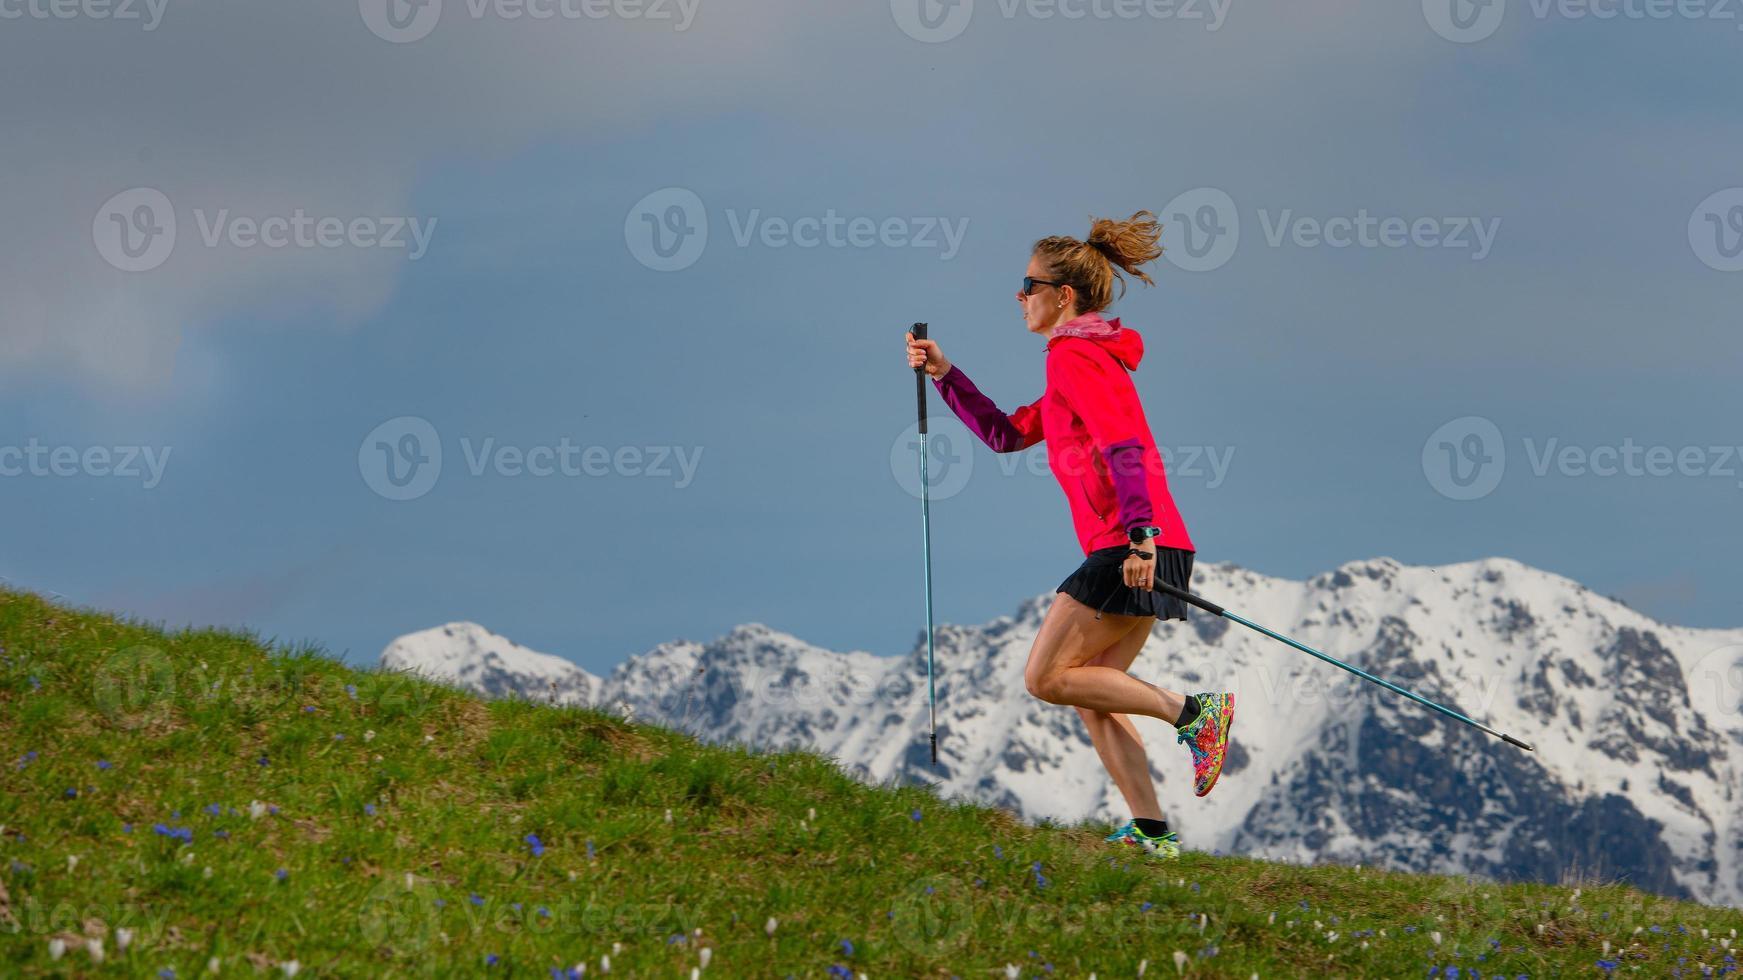 stavgång och spårlöpning en tjej med pinnar på fjällbrasan med snöig bakgrund foto